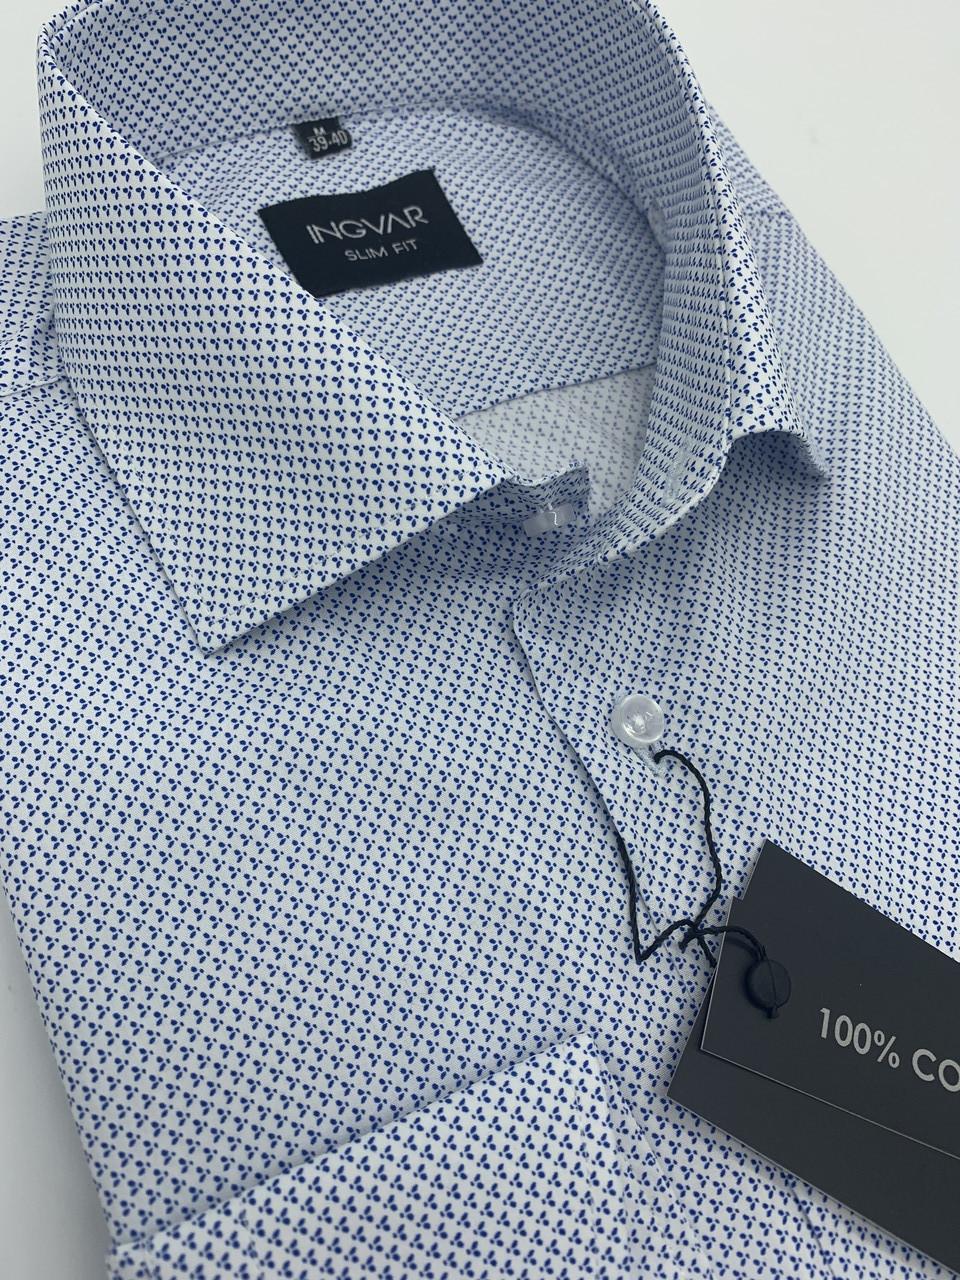 Рубашка мужская белая с принтом хлопковая INGVAR